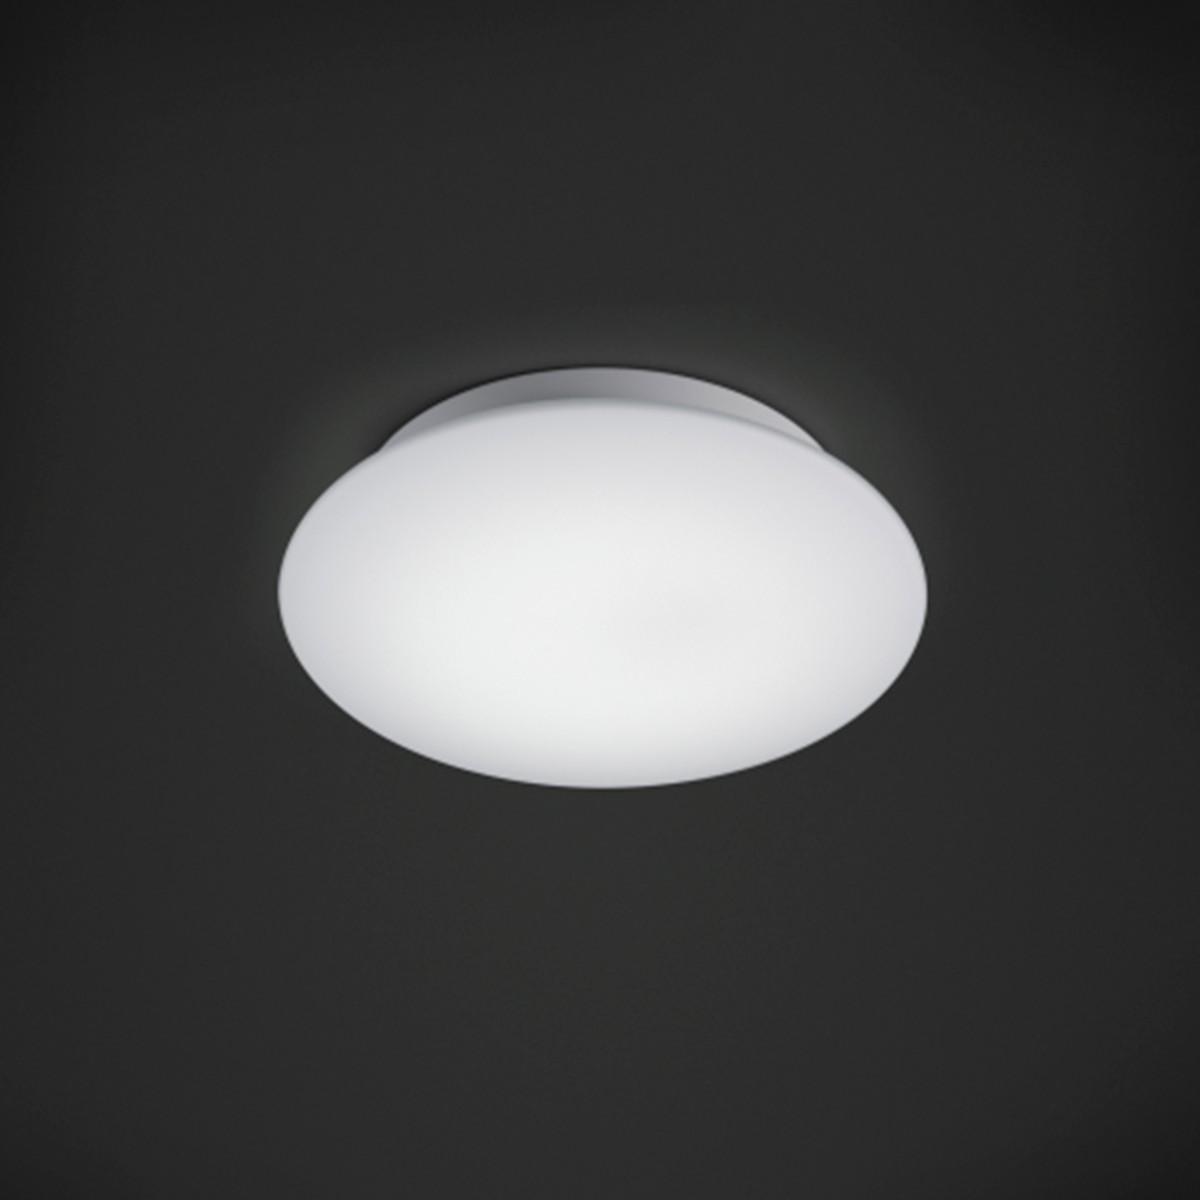 Bankamp Molino Deckenleuchte, Ø: 40 cm, opalweiß